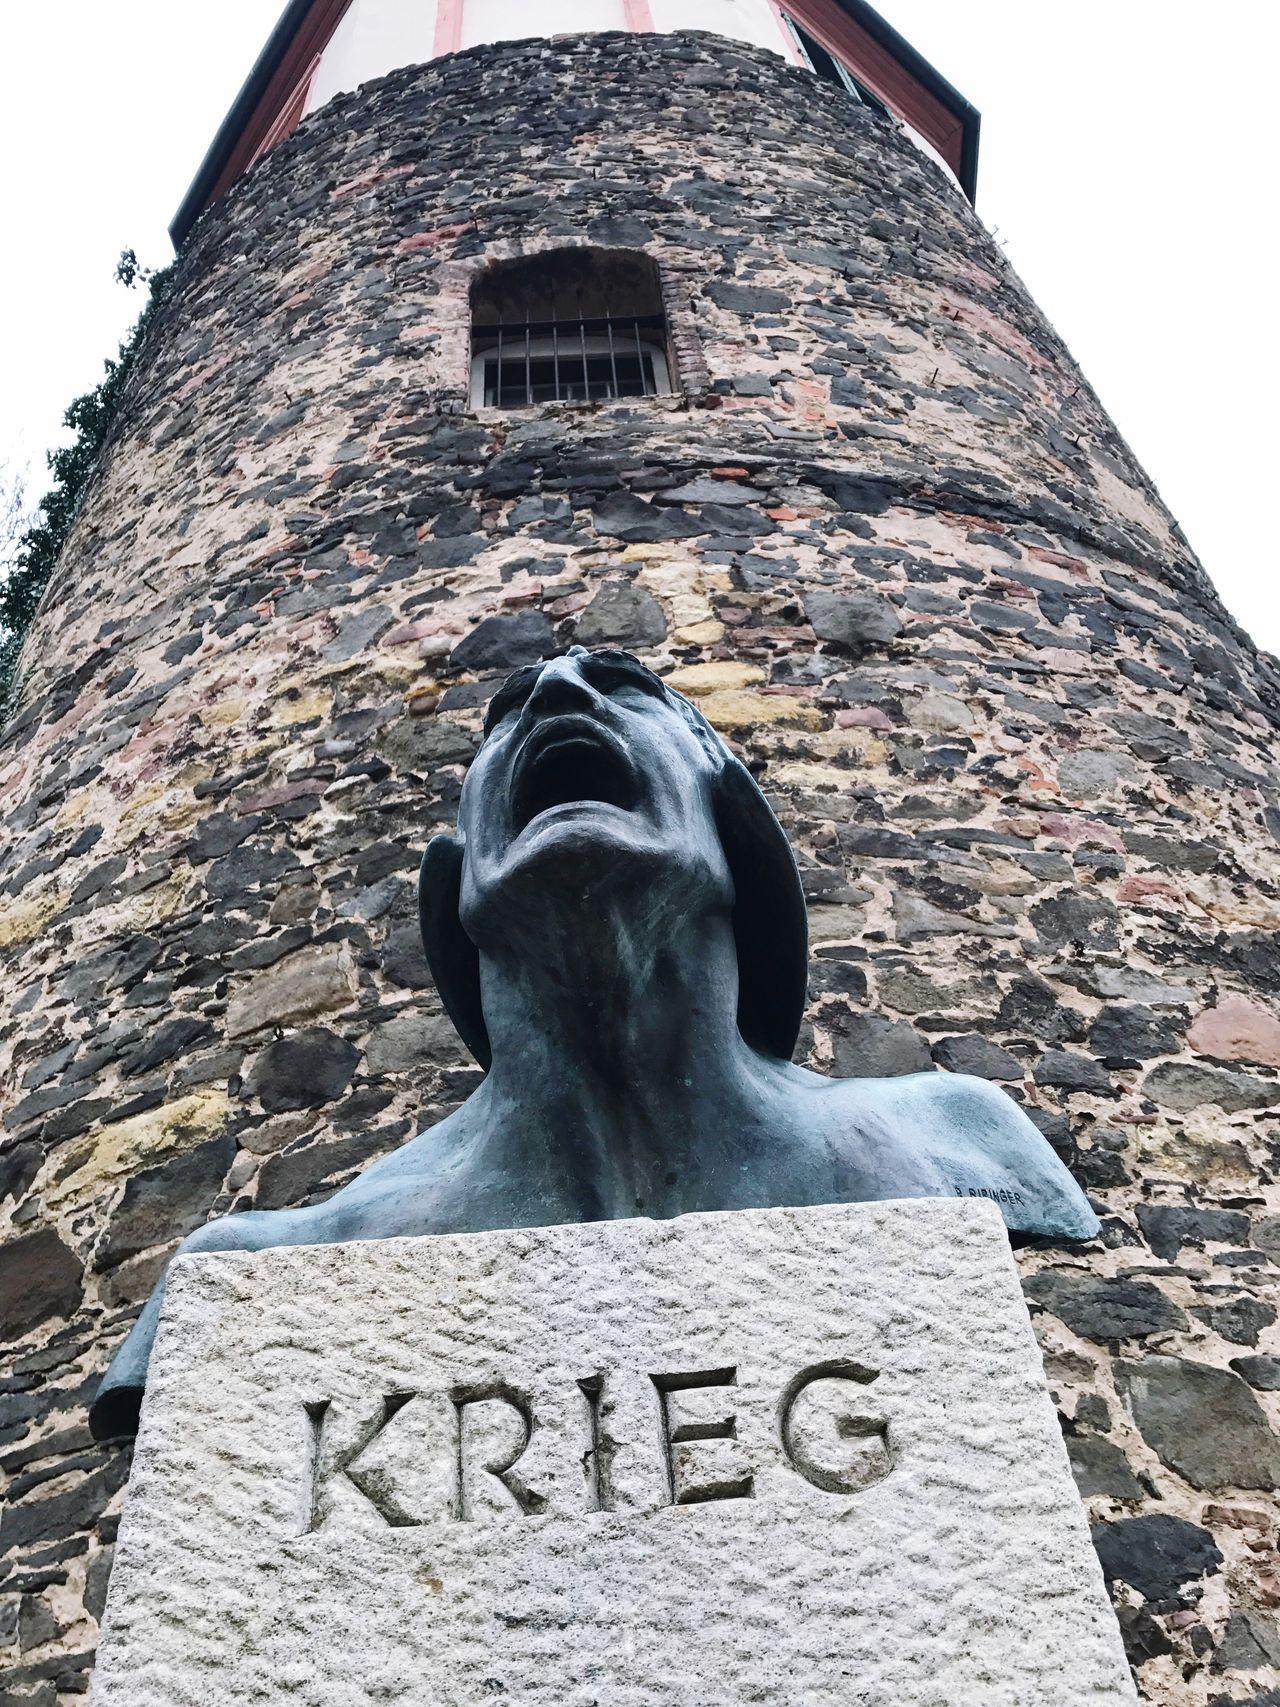 Architecture Sculpture No People Deutchland Day Frankfurt Main Krieg